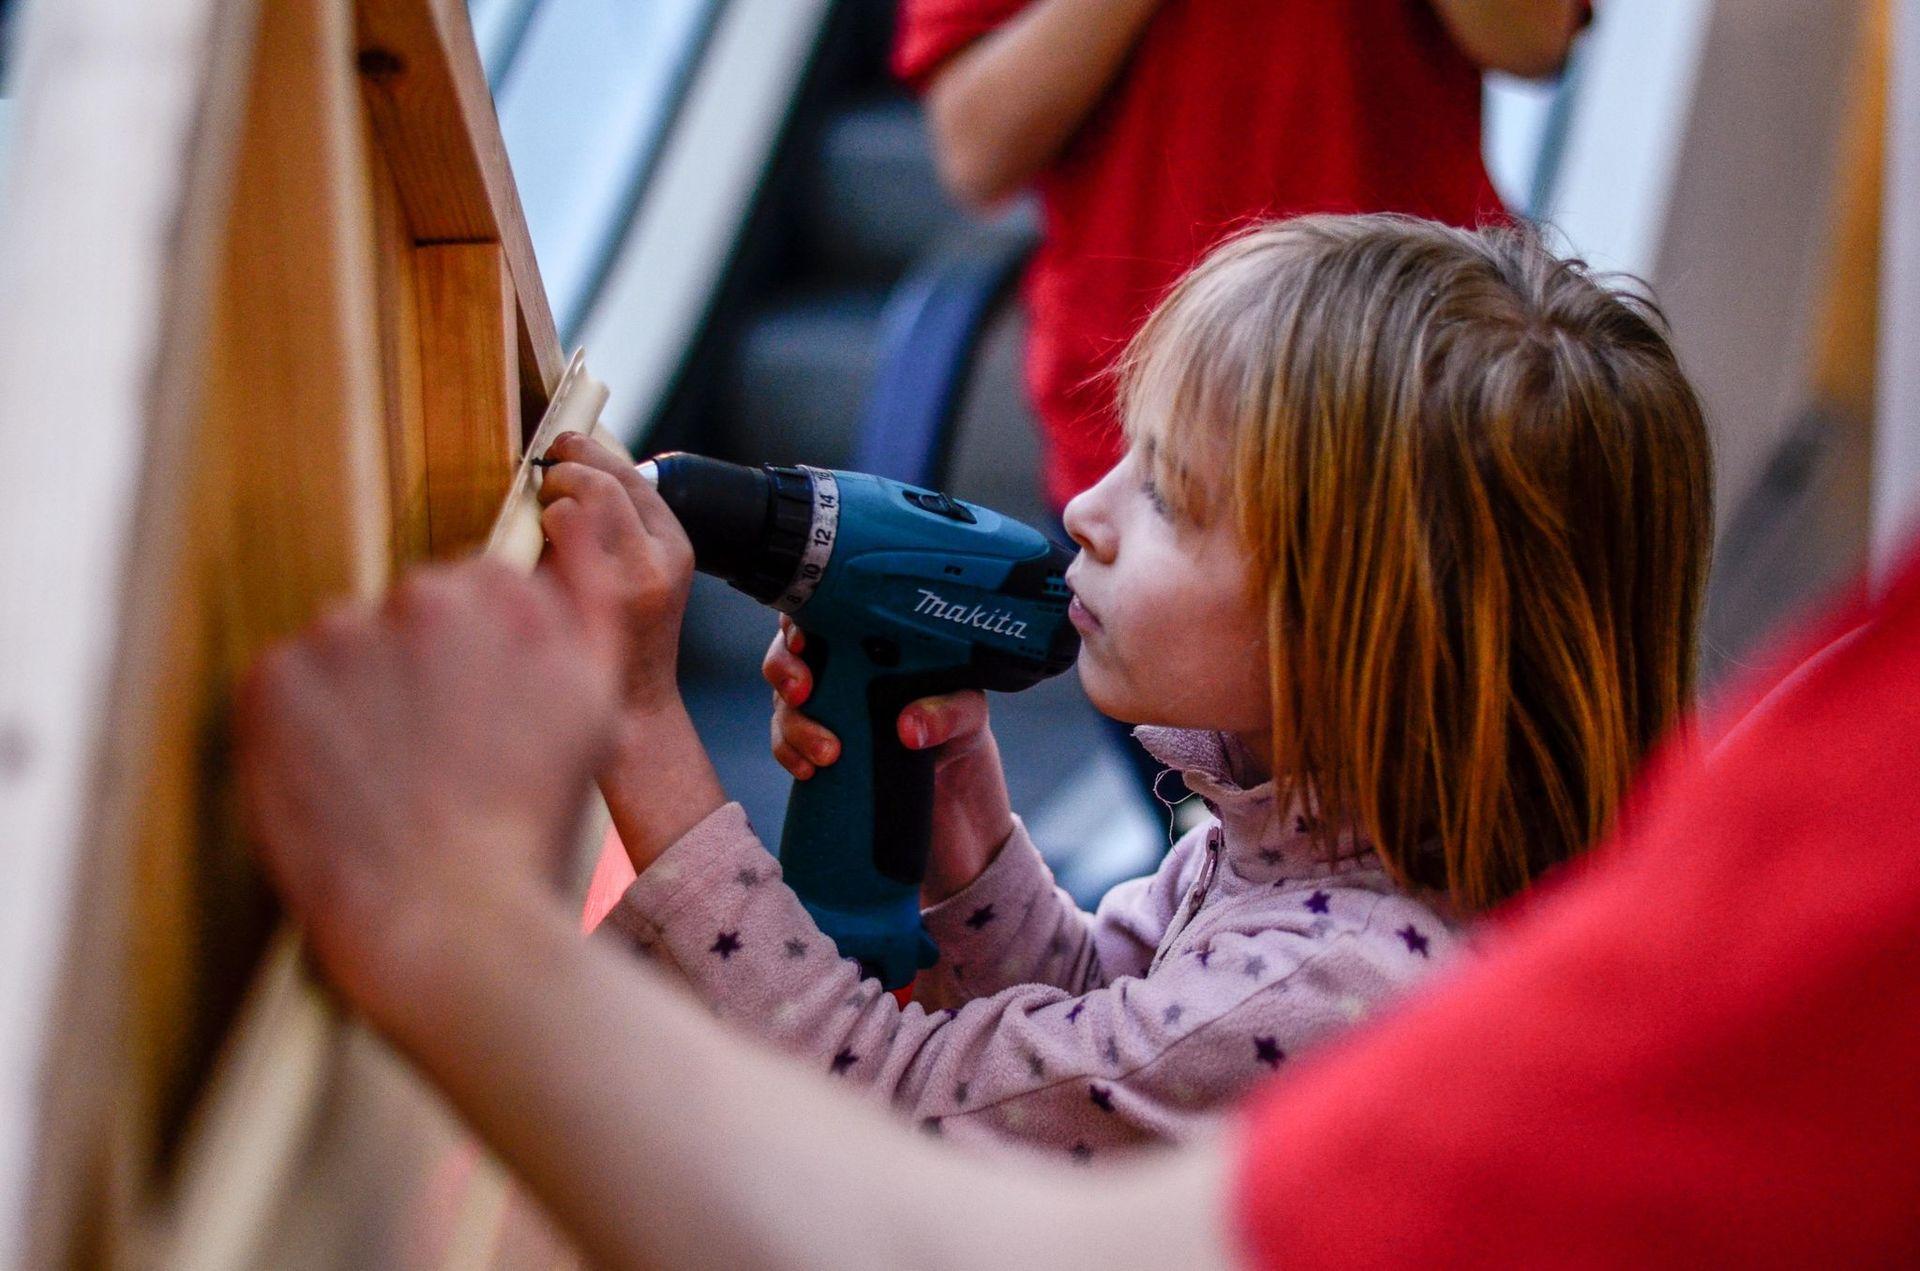 Фестиваль Город Технотворчества 2016, или как привлечь детей к технике - 22